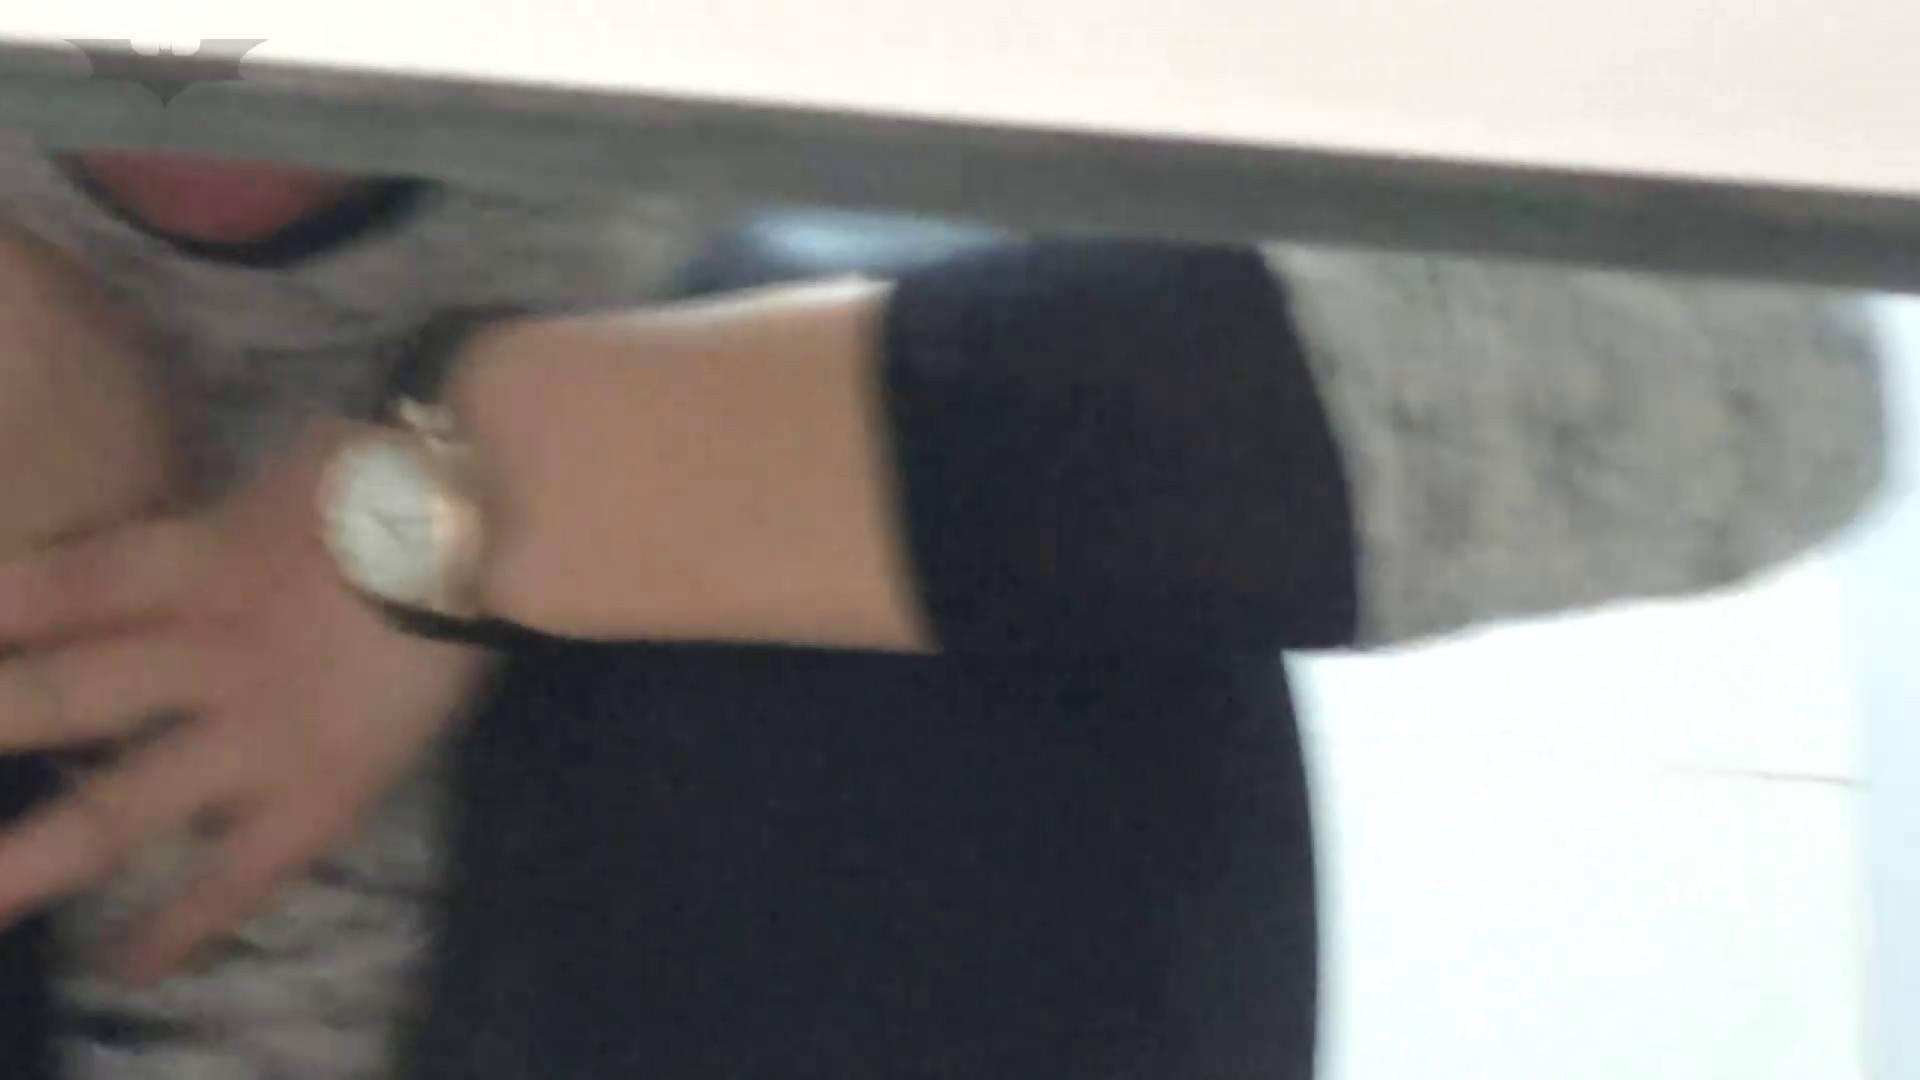 JD盗撮 美女の洗面所の秘密 Vol.38 洗面所 SEX無修正画像 110pic 27